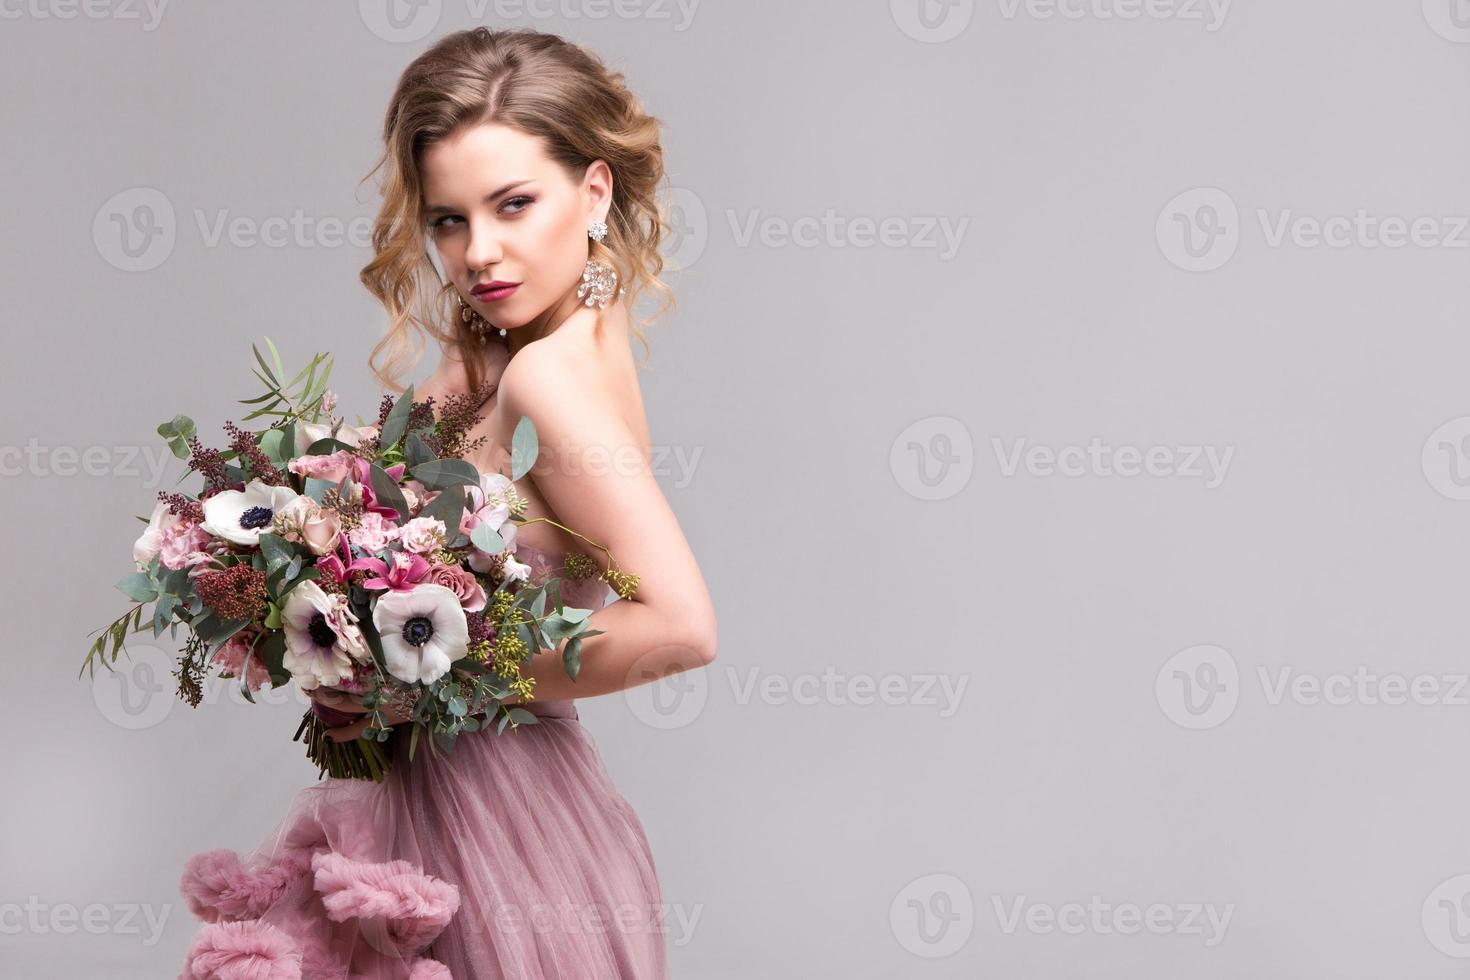 portret van een mooie vrouw met een boeket. foto